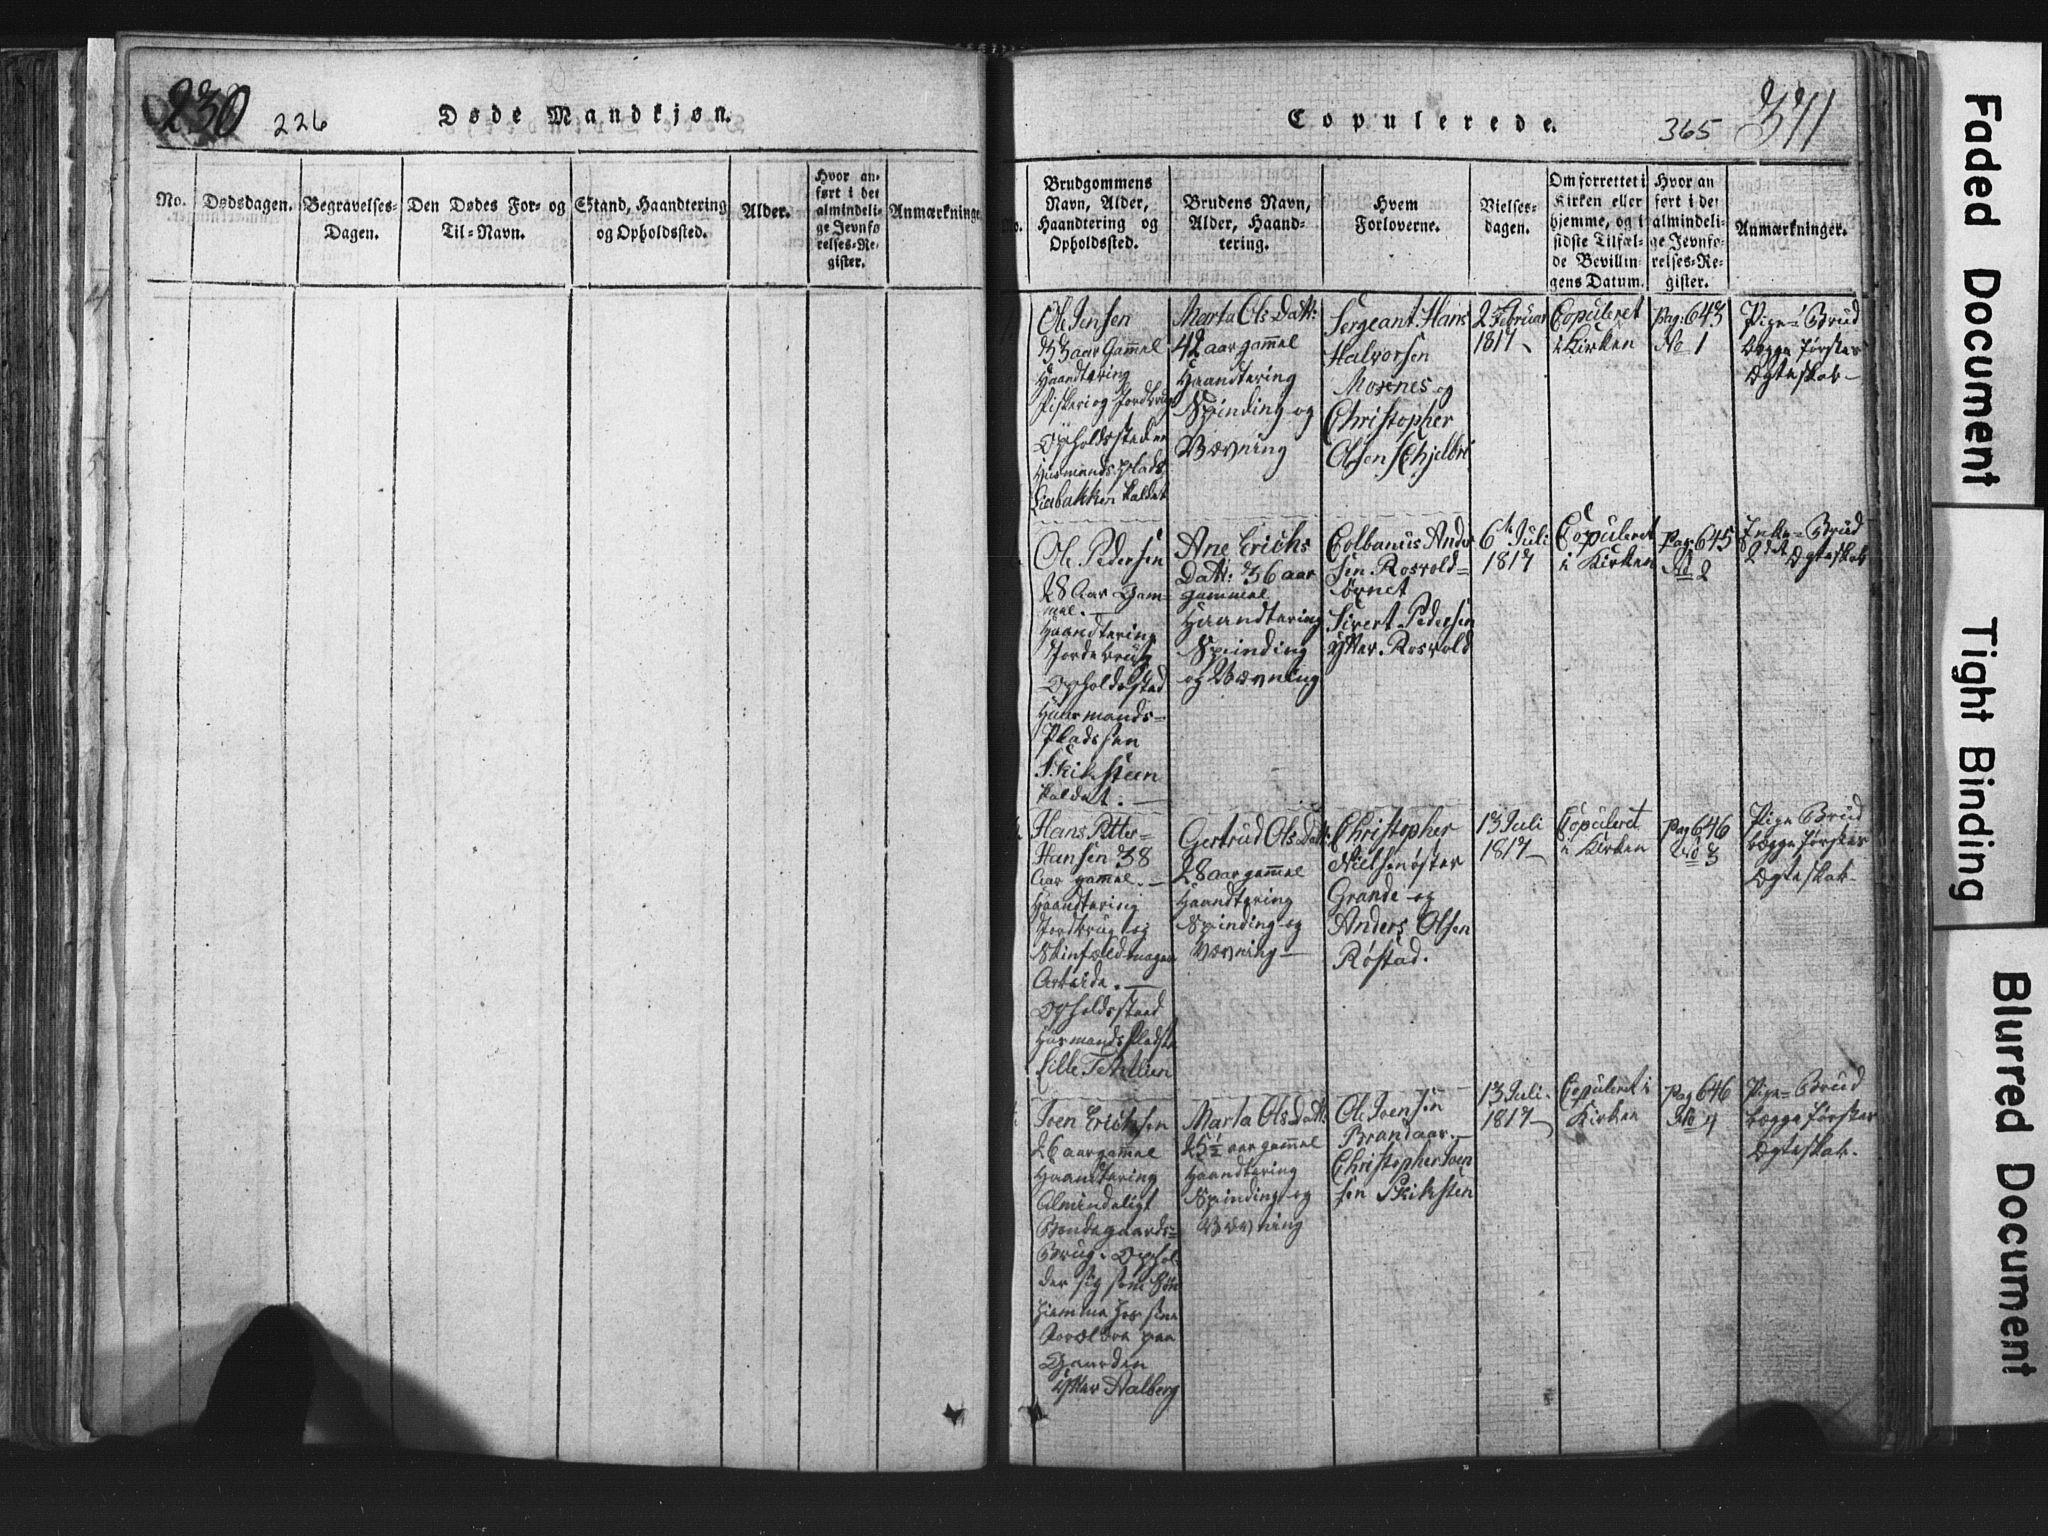 SAT, Ministerialprotokoller, klokkerbøker og fødselsregistre - Nord-Trøndelag, 701/L0017: Klokkerbok nr. 701C01, 1817-1825, s. 364-365